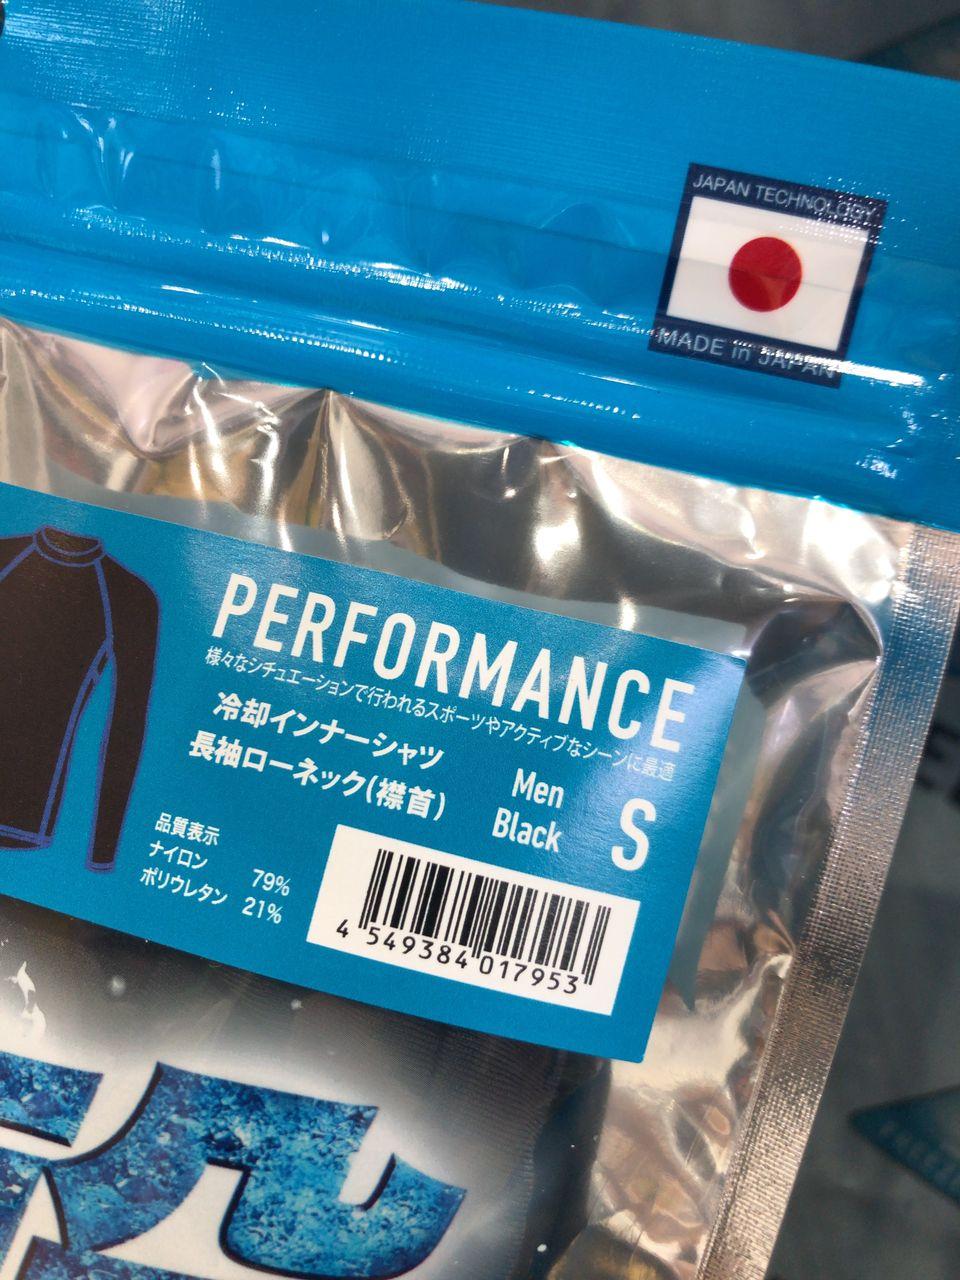 岡山福山鳥取四国 バイク用品 冷却加工インナー メンズ Sサイズ